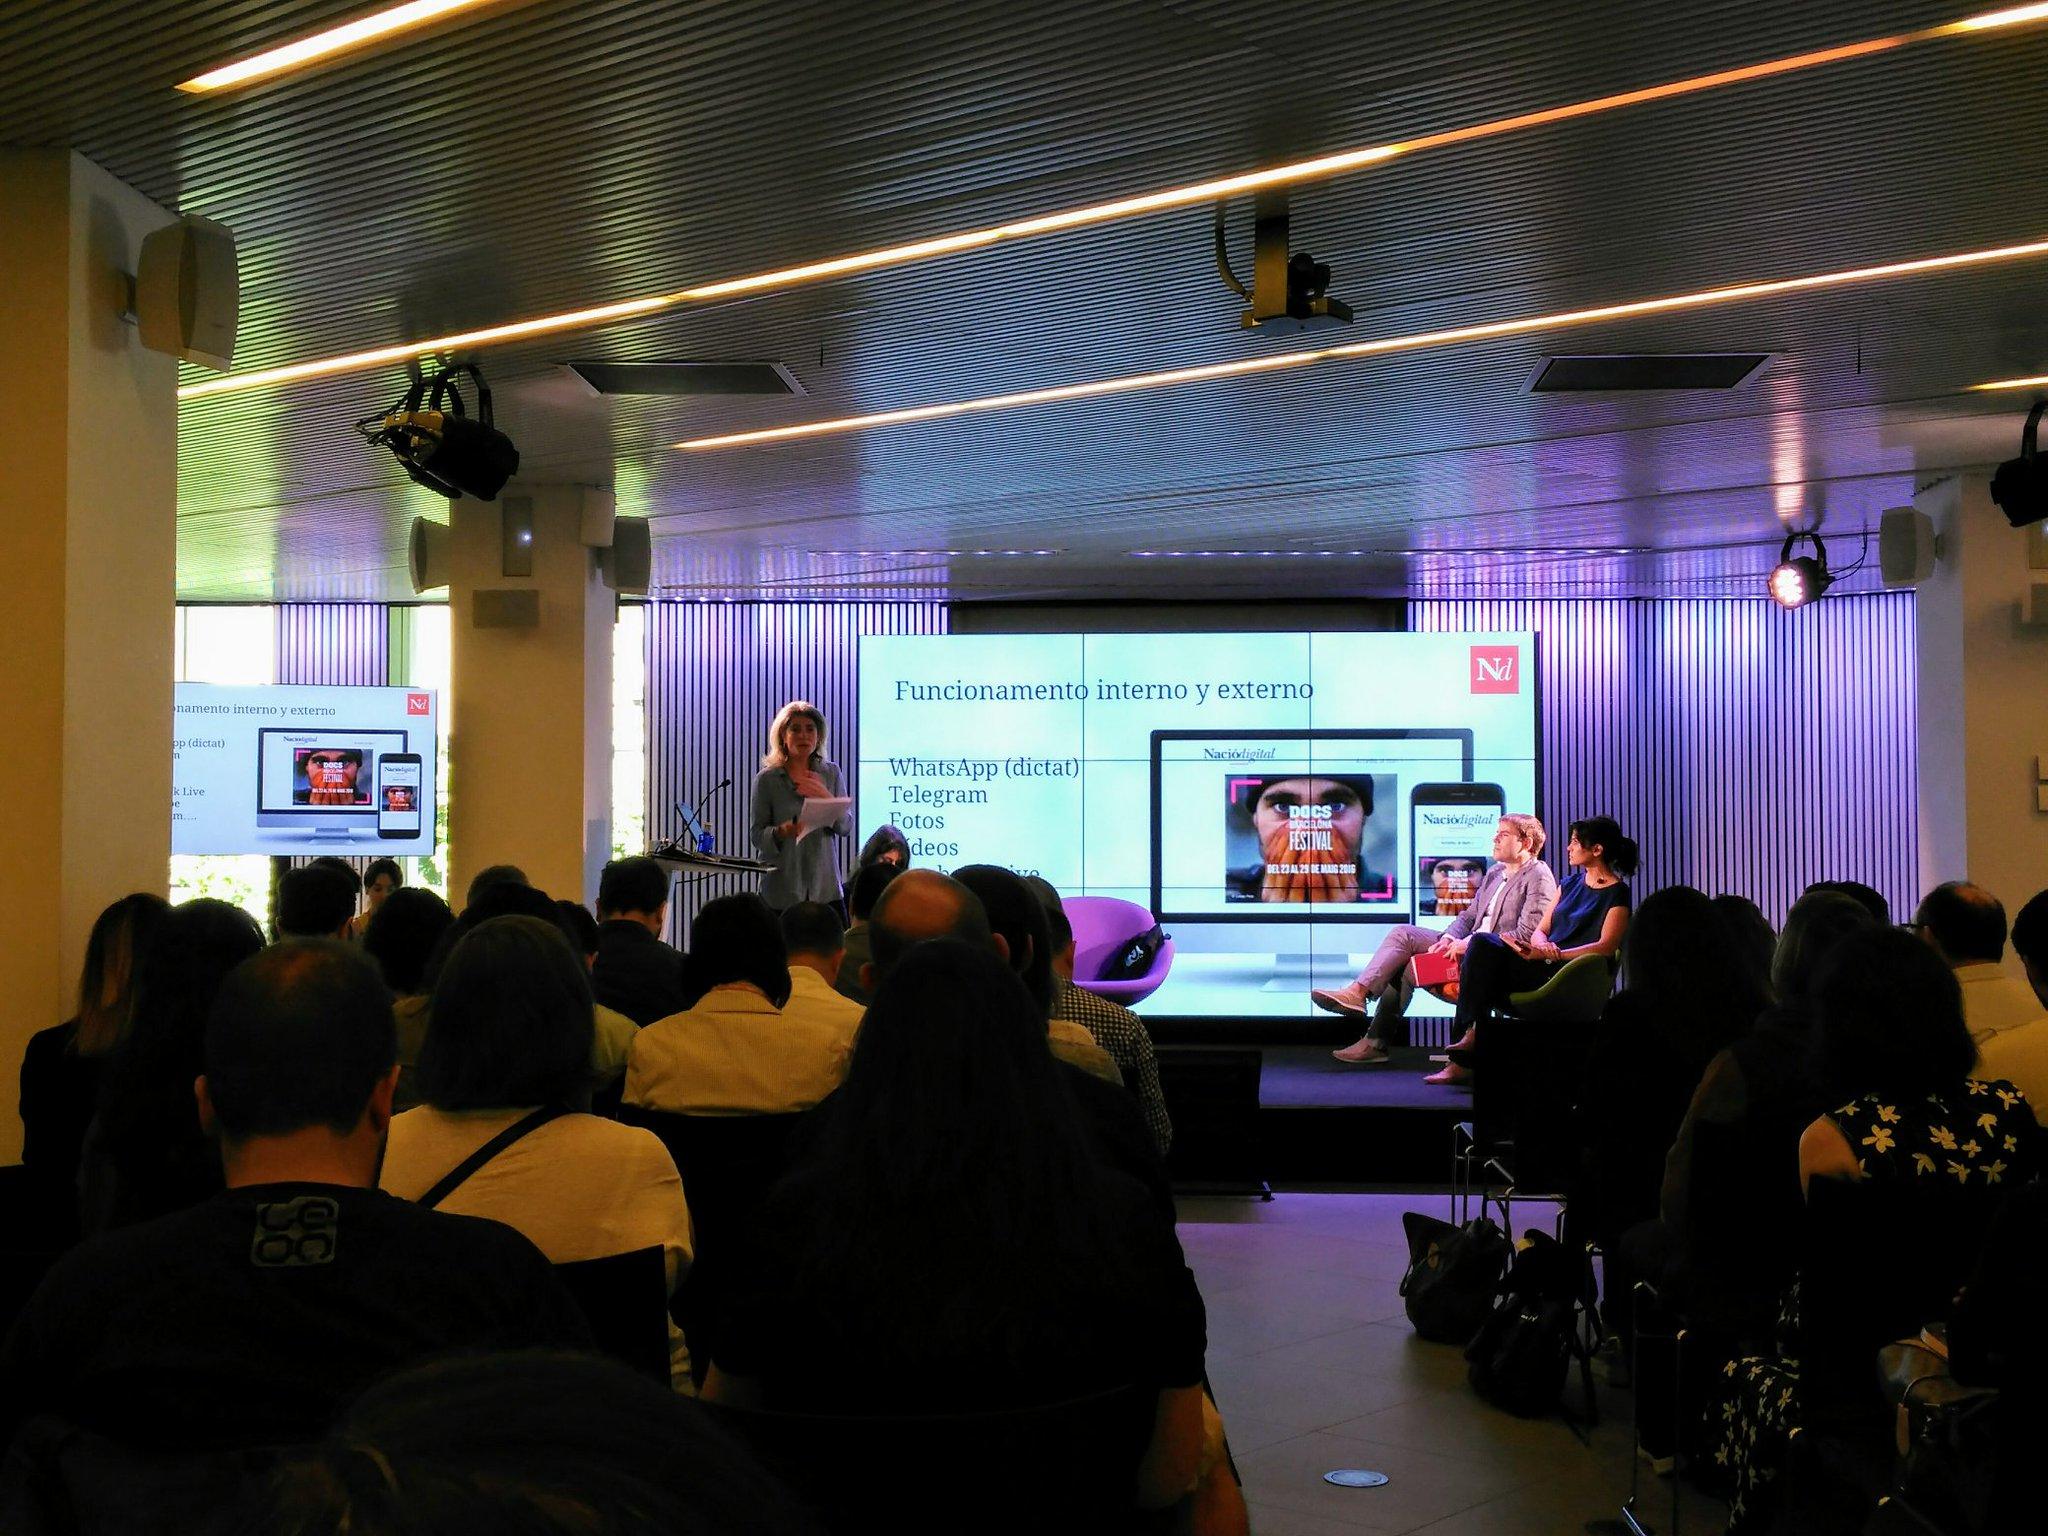 Explica @kpeiro a #MoJoBCN que el 70% del trànsit de Nació digital és mòbil https://t.co/H0pq45gaok